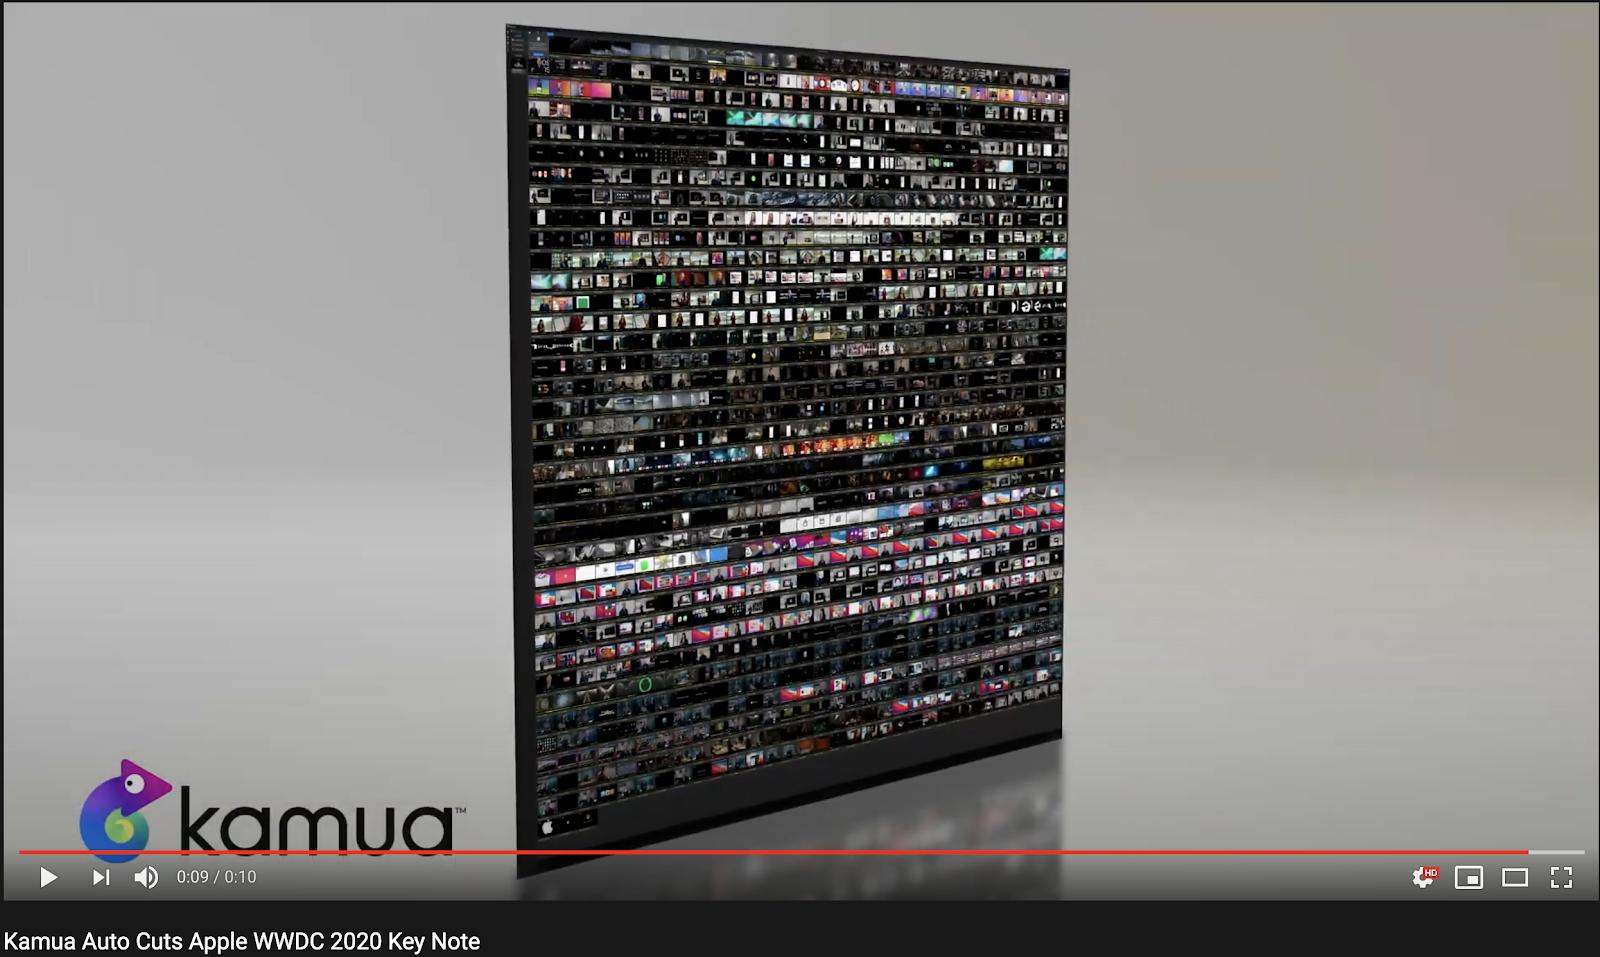 Kamua's Apple video